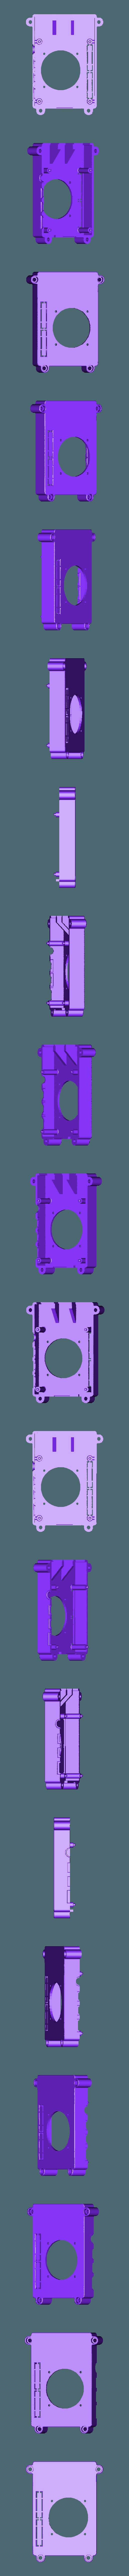 FULL_40MM_BLANK.STL Télécharger fichier STL gratuit Étui Pi 4B Framboise Framboise • Objet pour imprimante 3D, mkellsy